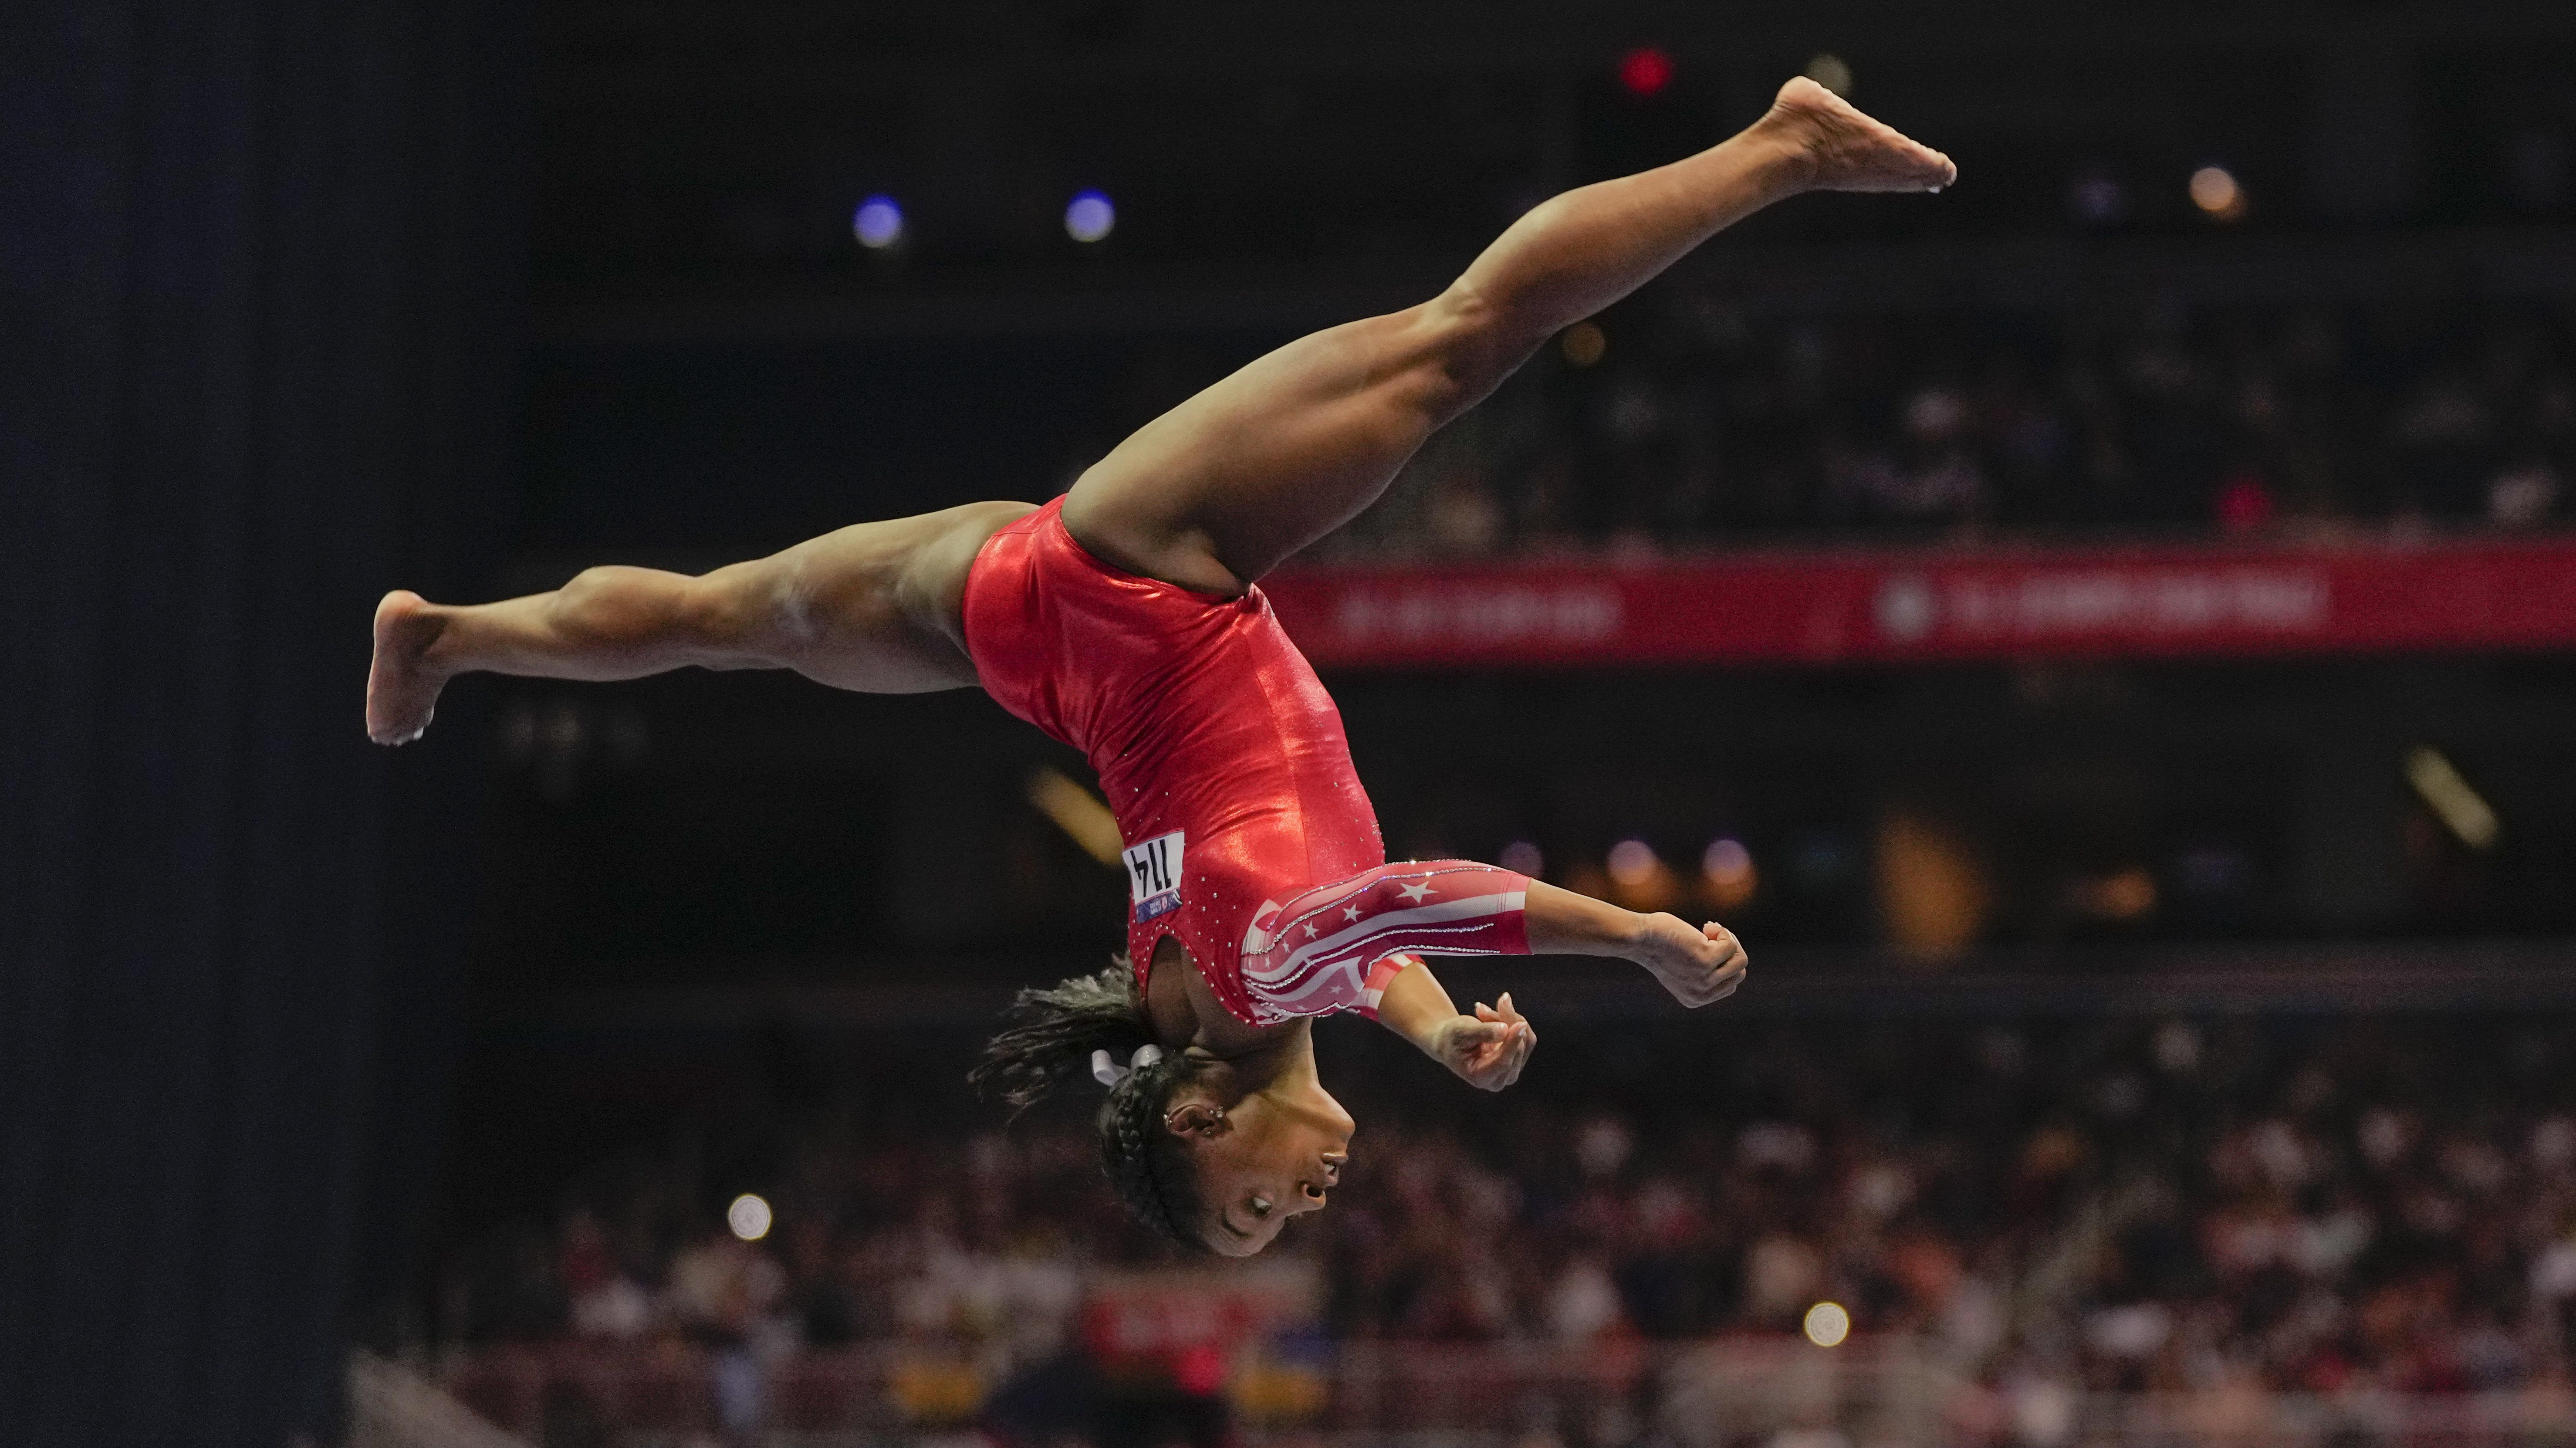 Digitale primeur voor Amerikaanse topturnster Simone Biles | Sport | Telegraaf.nl